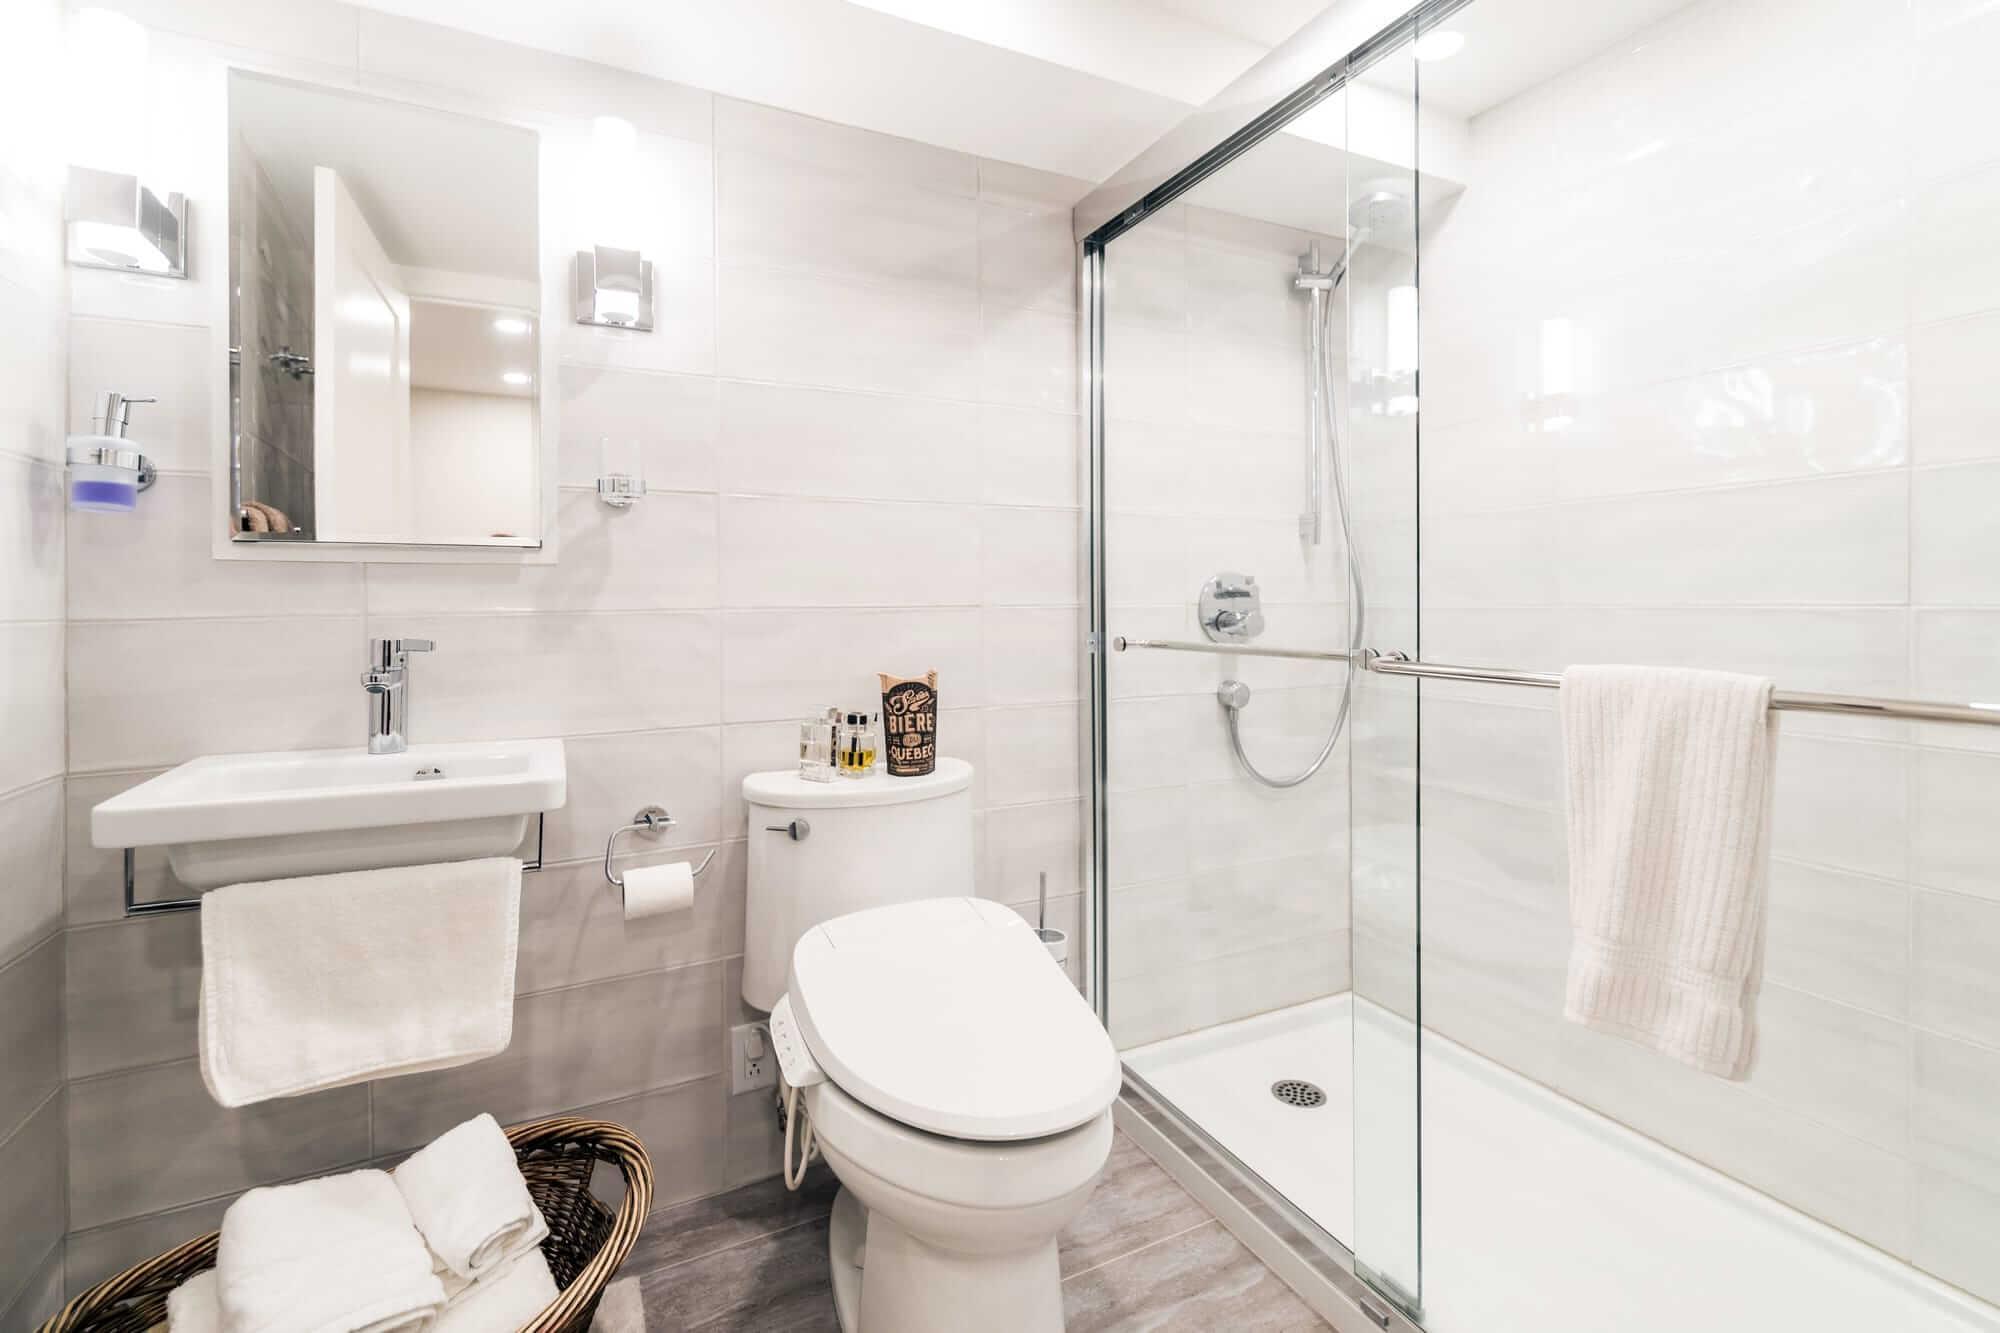 Salle de bain moderne d'un sous-sol rénovée avec lavabo blanc autoportant et bain-douche